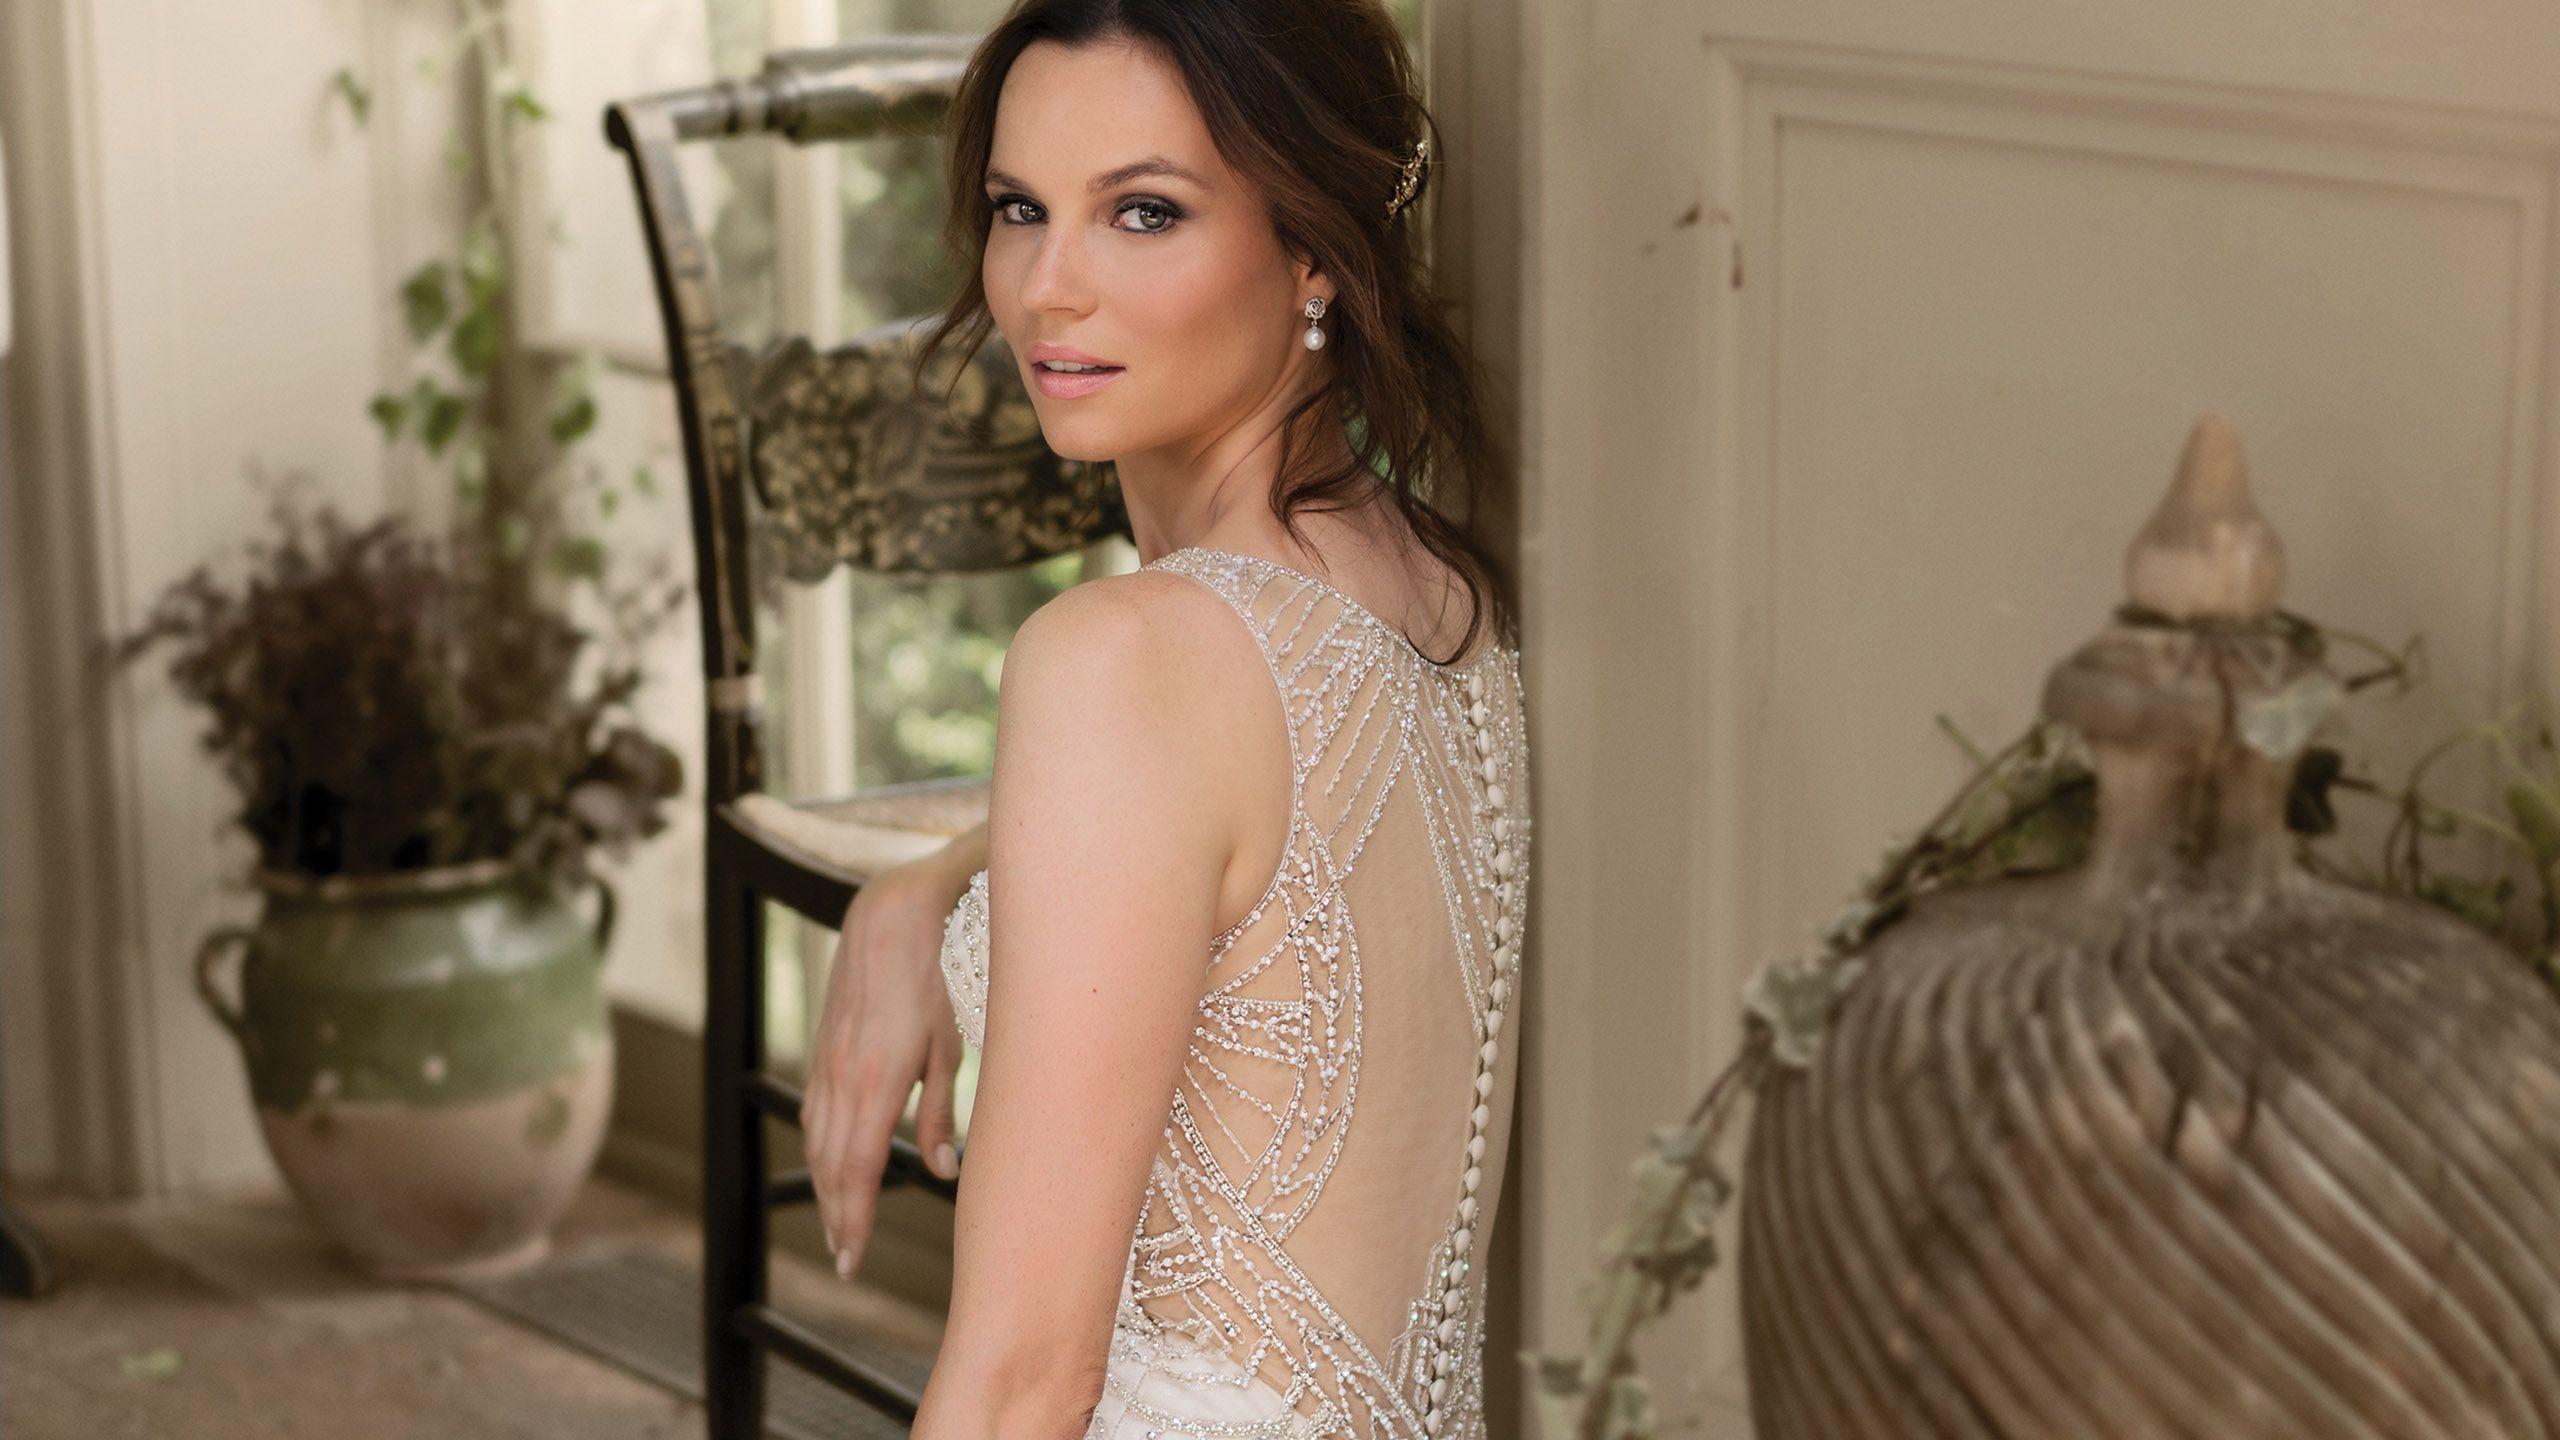 - Model 9897: Suknia syrenka wysadzana koralikami z przezroczystymi plecami w stylu Art Deco